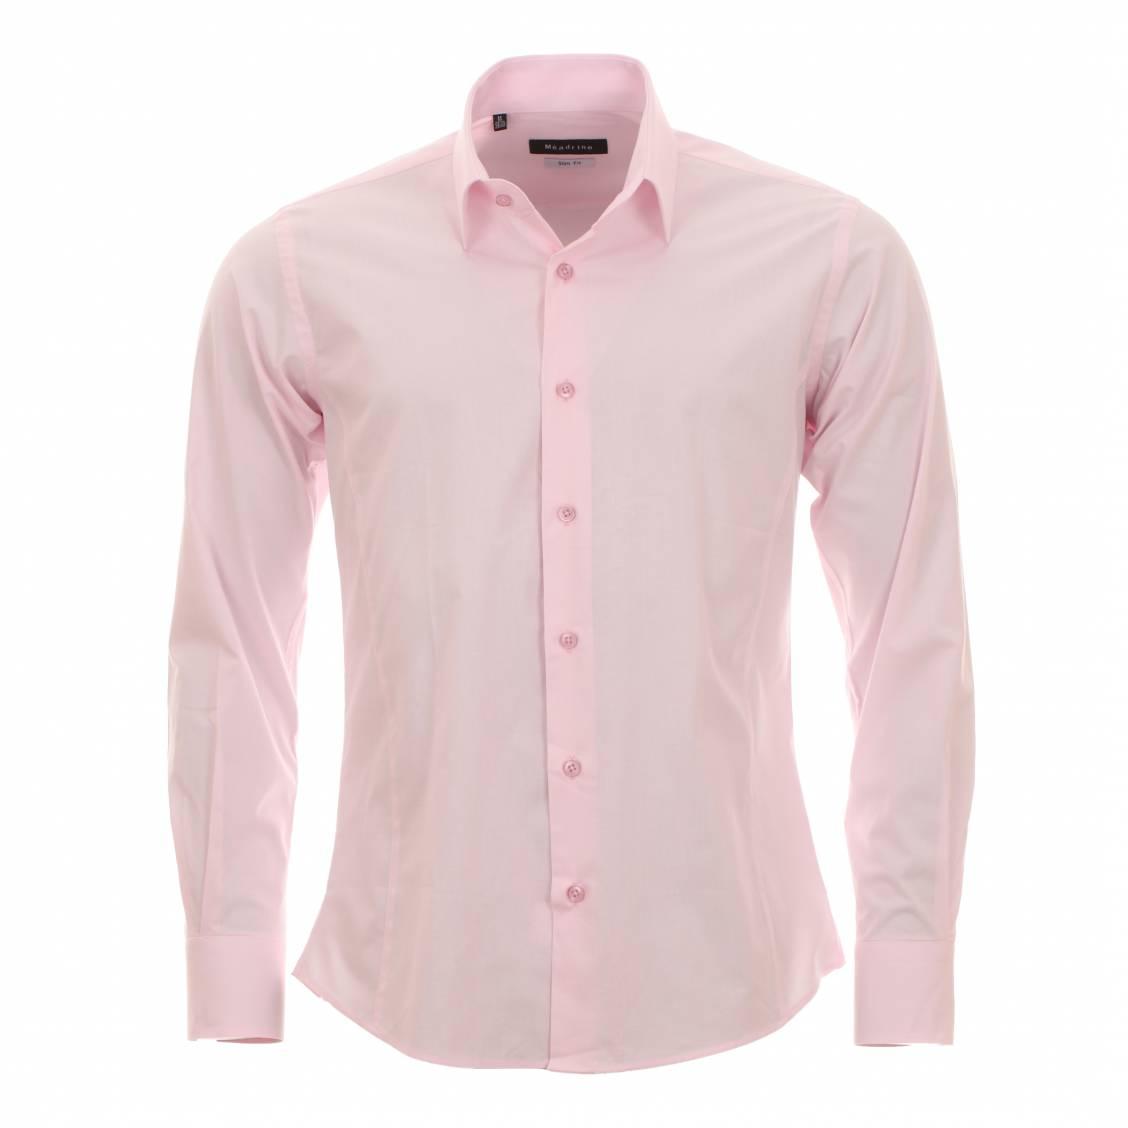 chemise rose avec quelle couleur de cravate. Black Bedroom Furniture Sets. Home Design Ideas